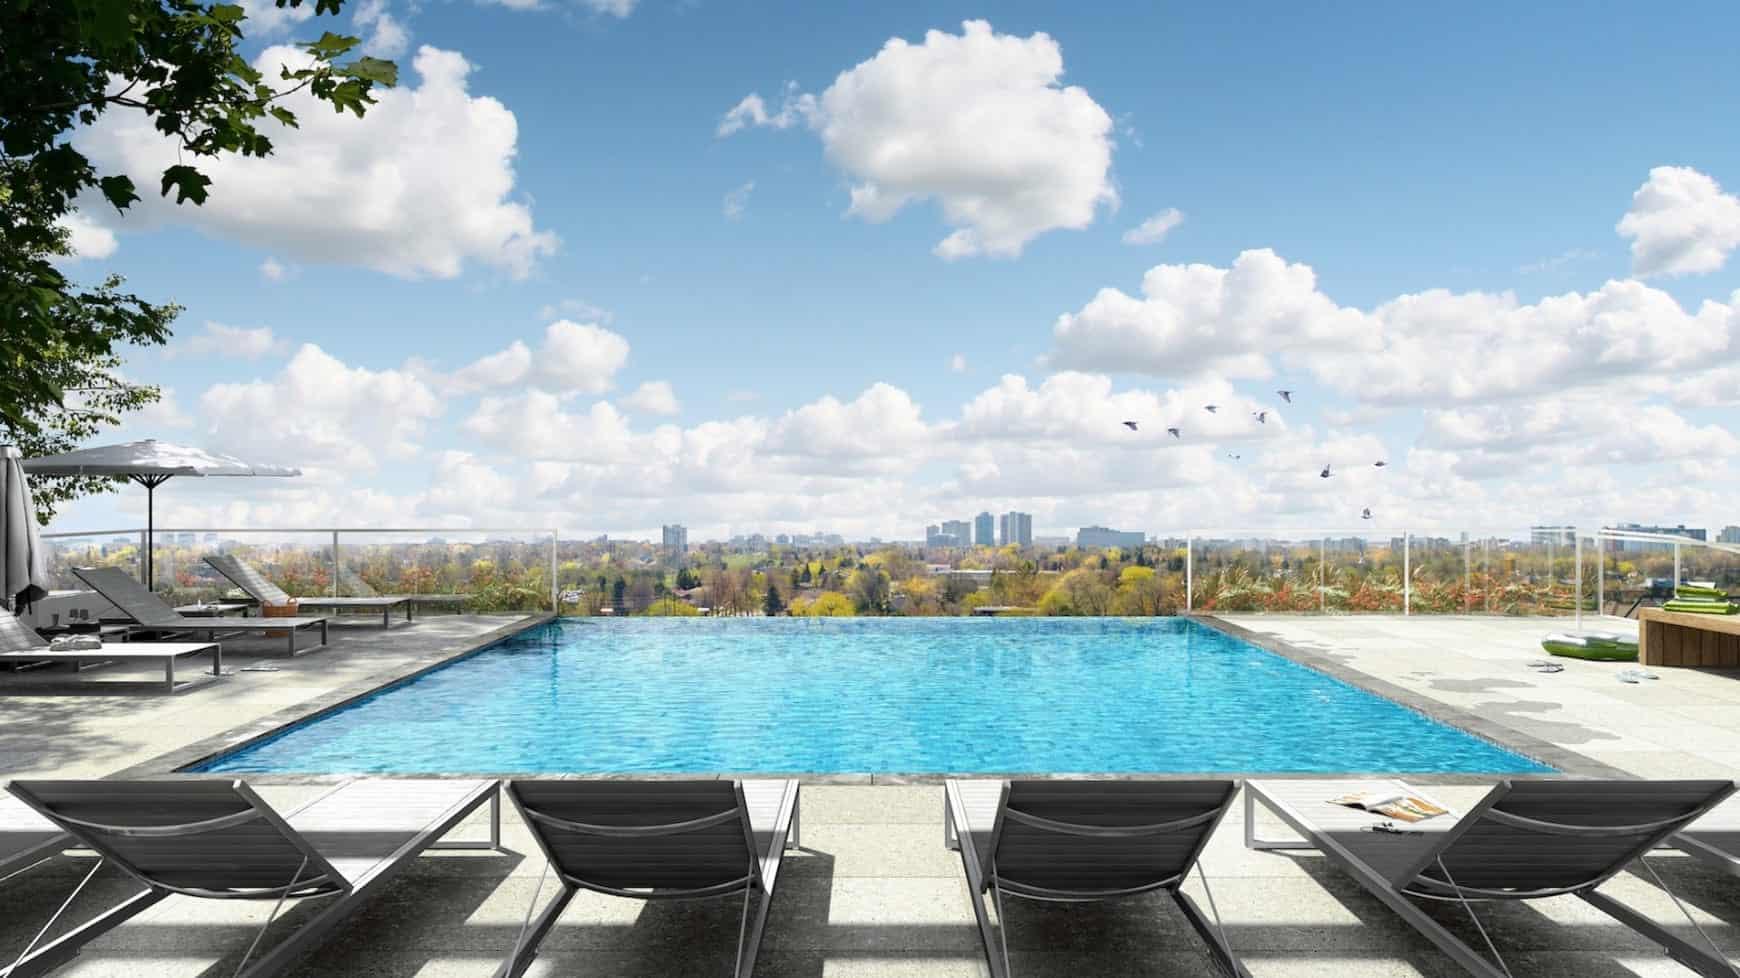 T1 at M2M Condos Rooftop Outdoor Pool True Condos